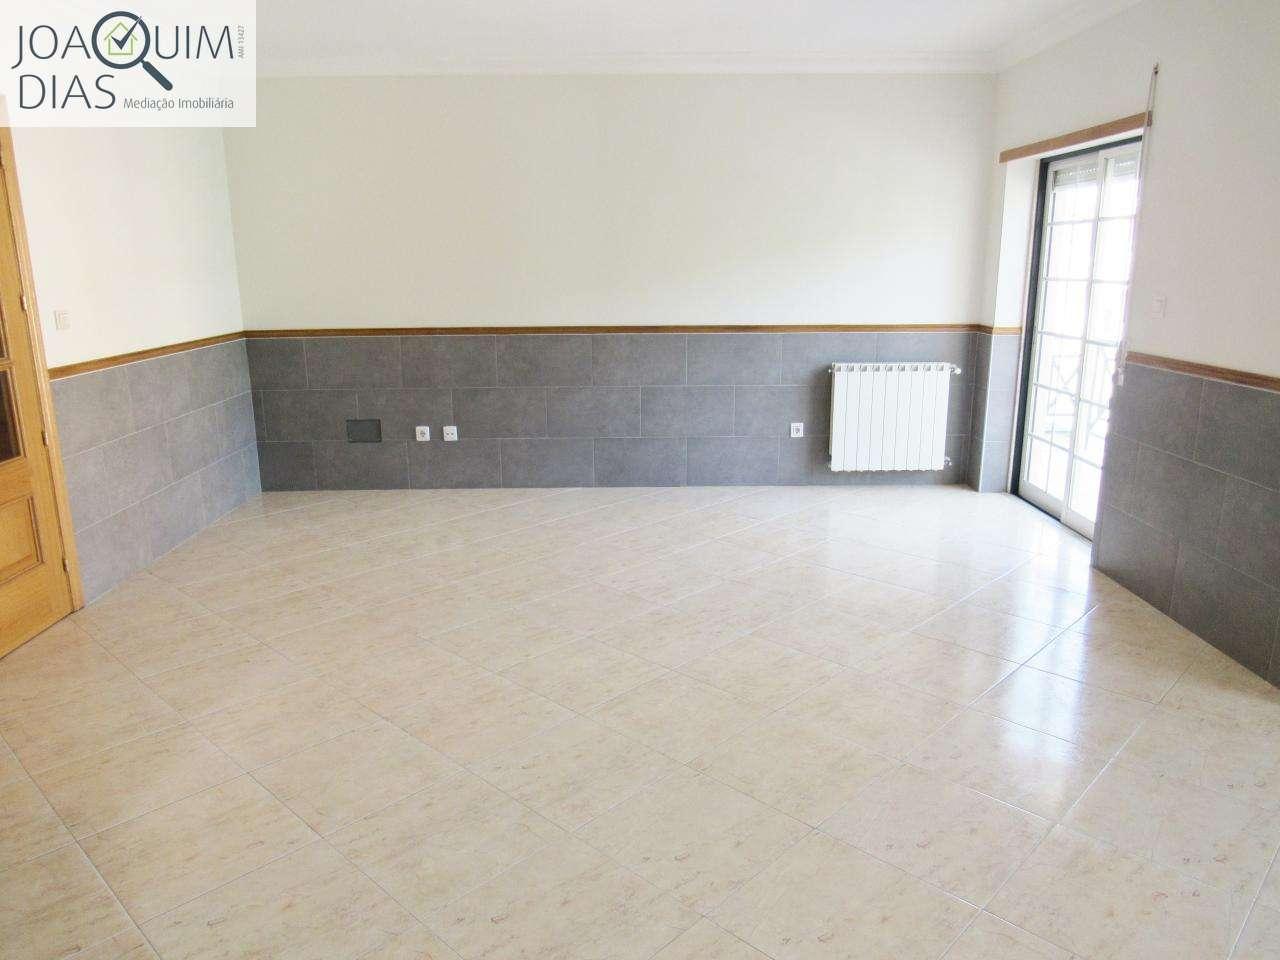 Apartamento para comprar, Malveira e São Miguel de Alcainça, Lisboa - Foto 13